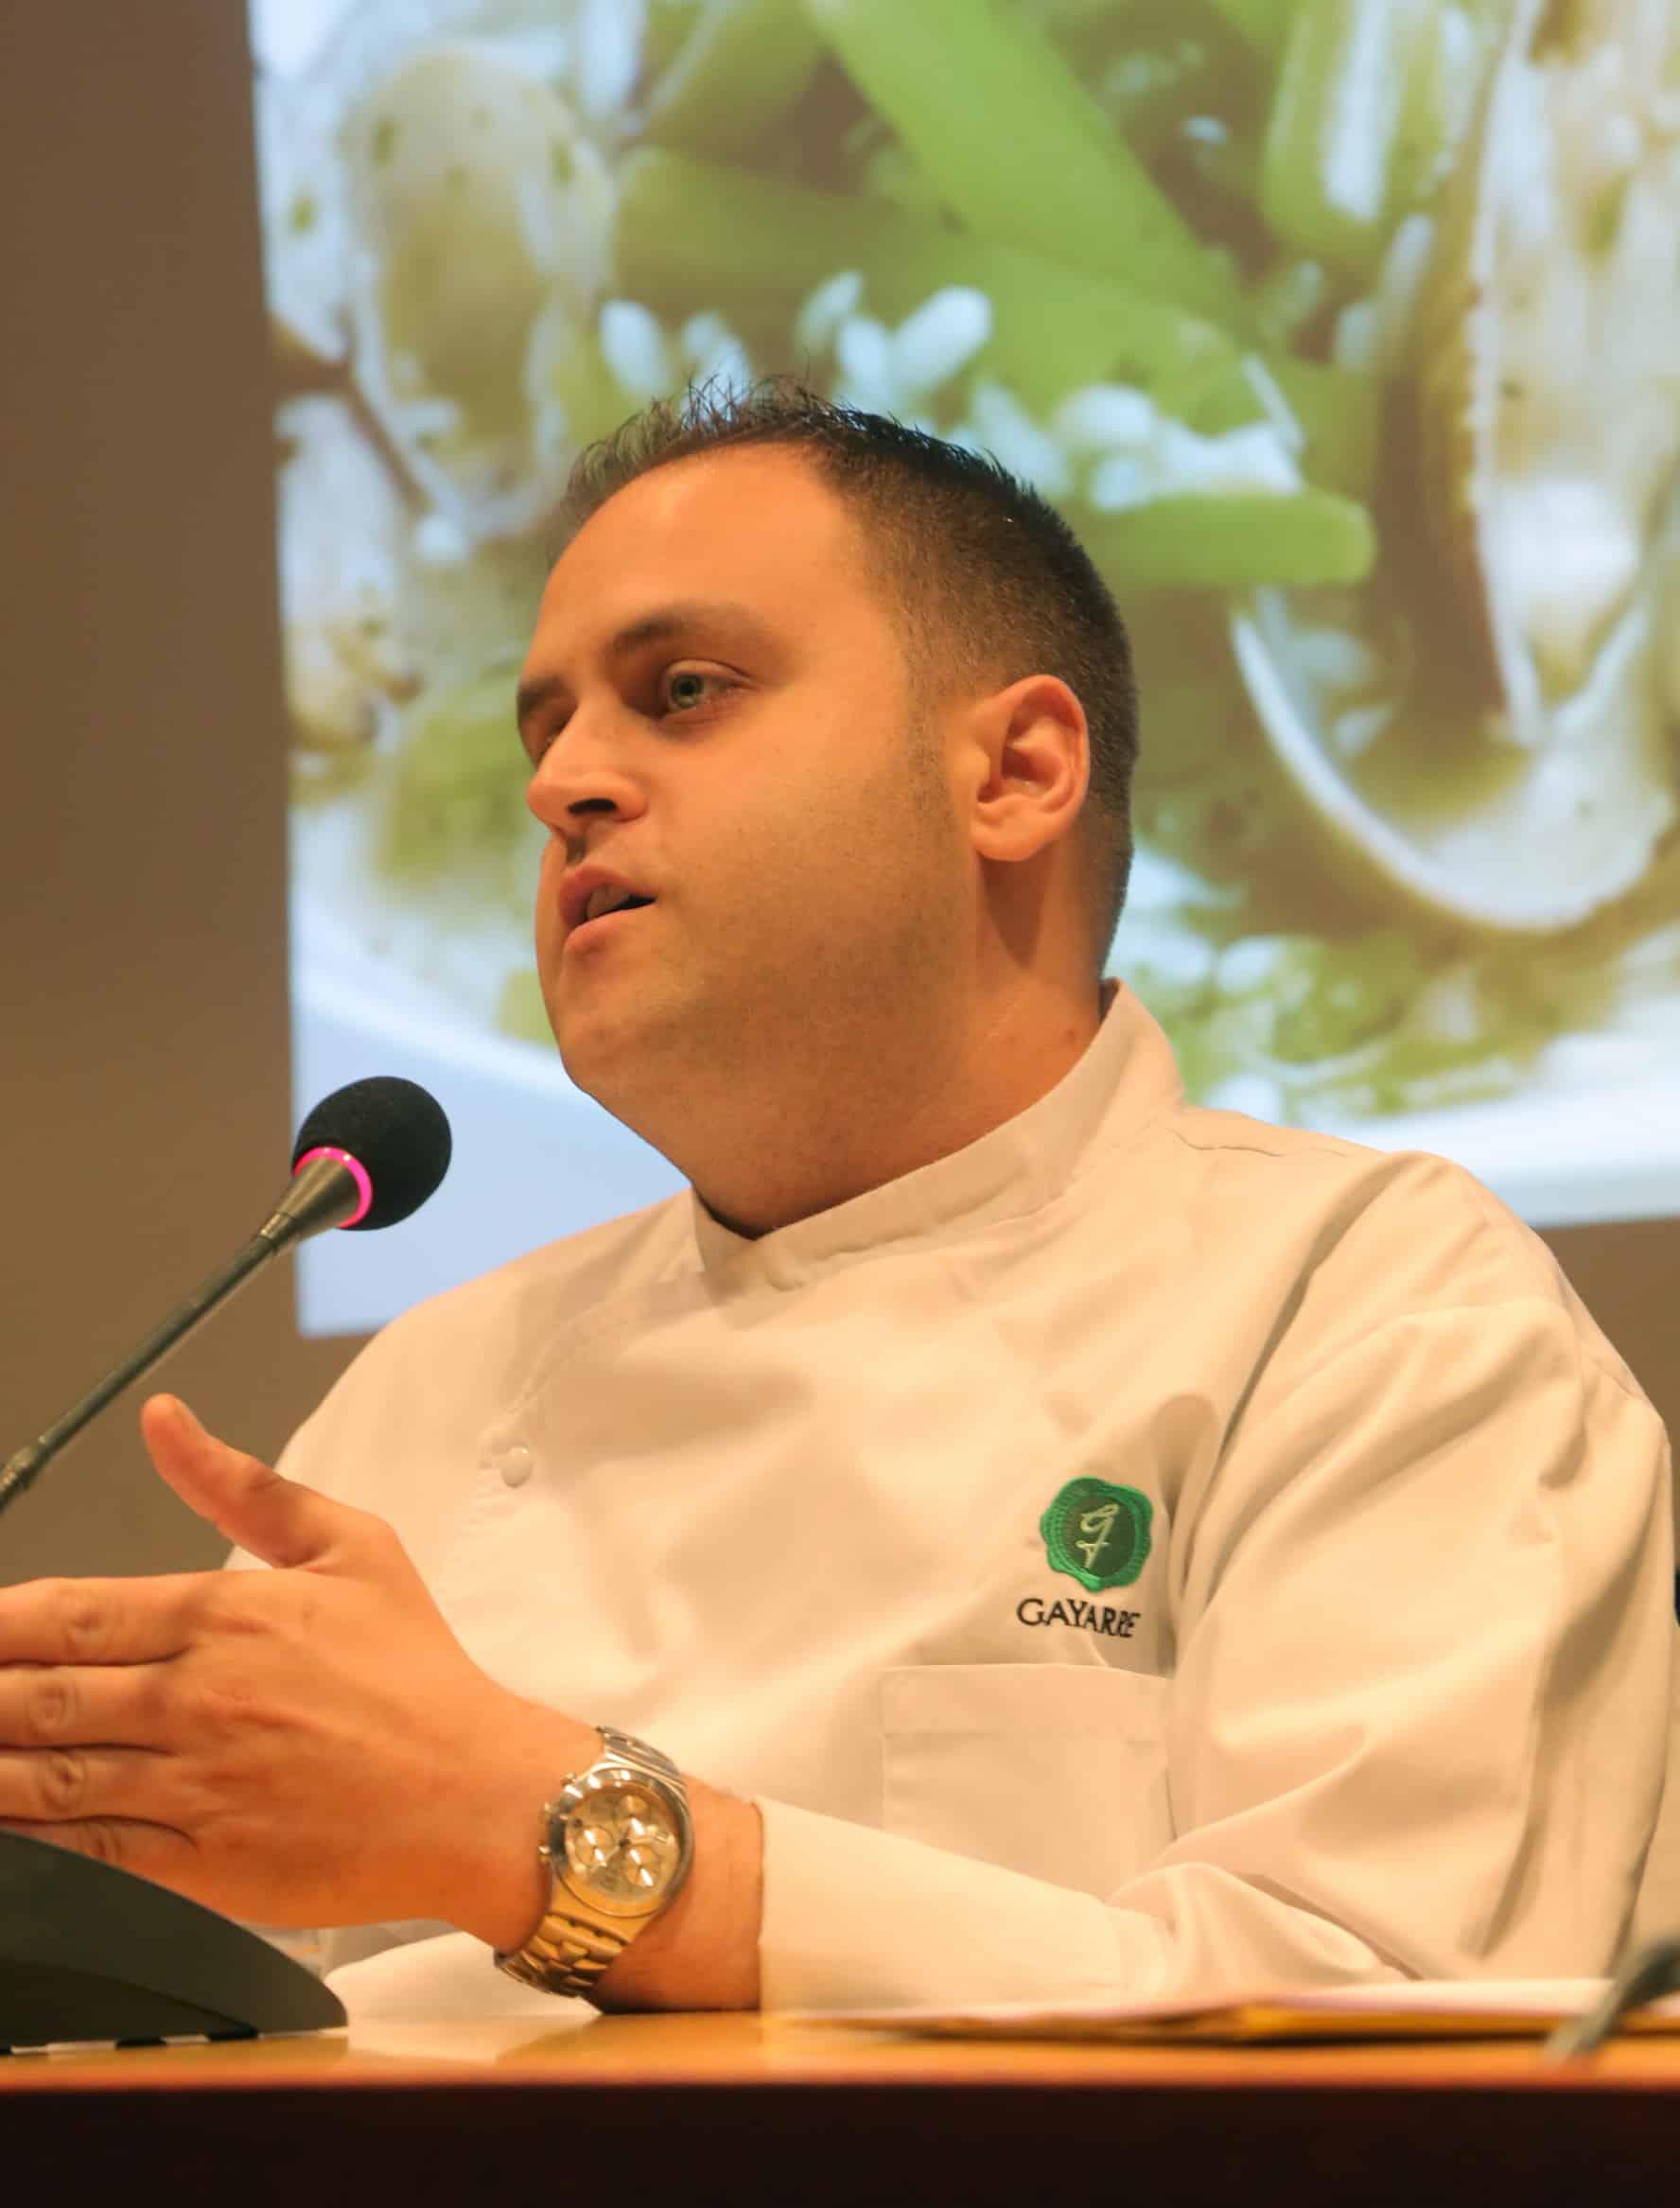 En este momento estás viendo Raúl Pérez Roldán,chef del restaurante Gayarre, inicia el ciclo «25 recetas aragonesas con historia»